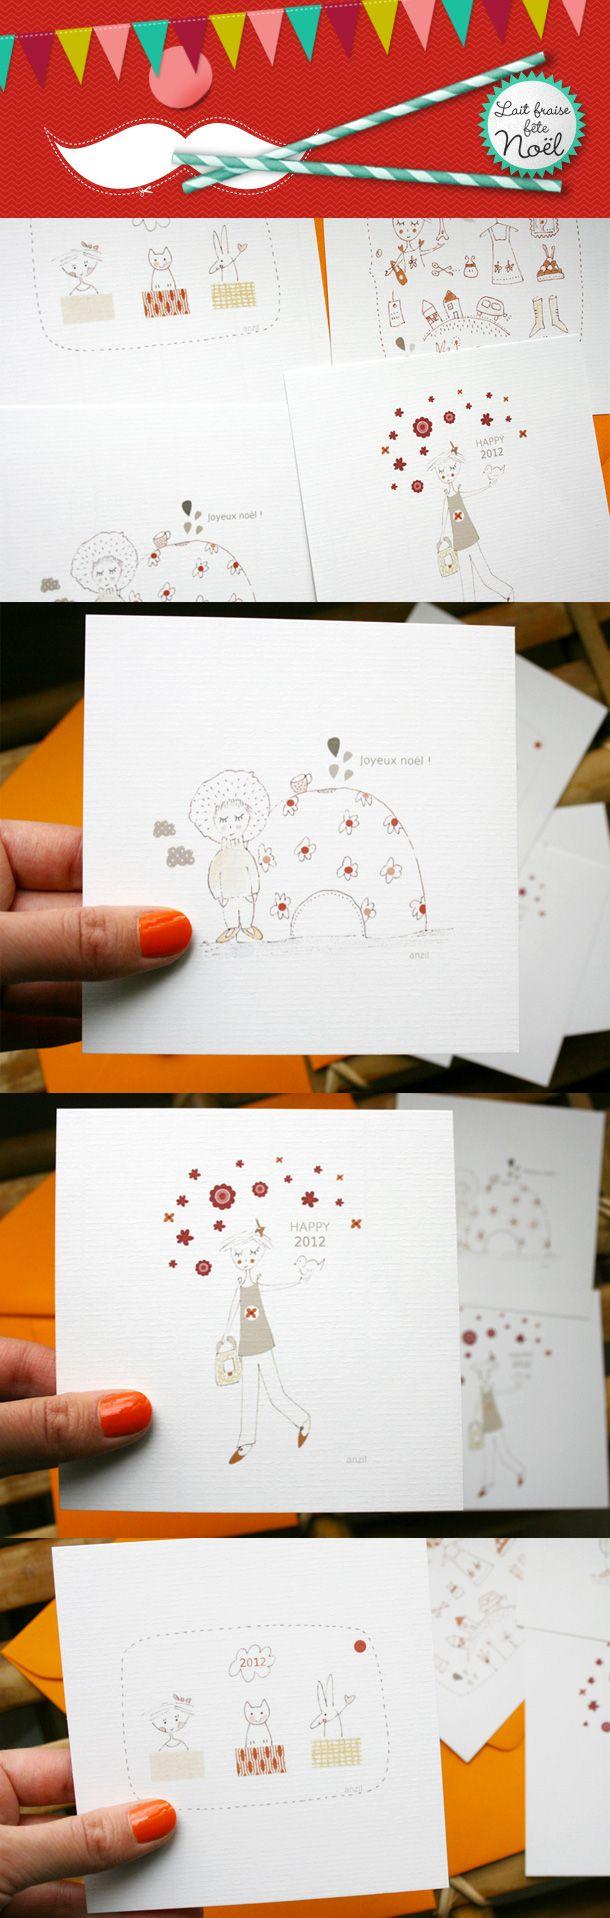 Cartes de voeux par Anzil / Greeting cards by Anzil